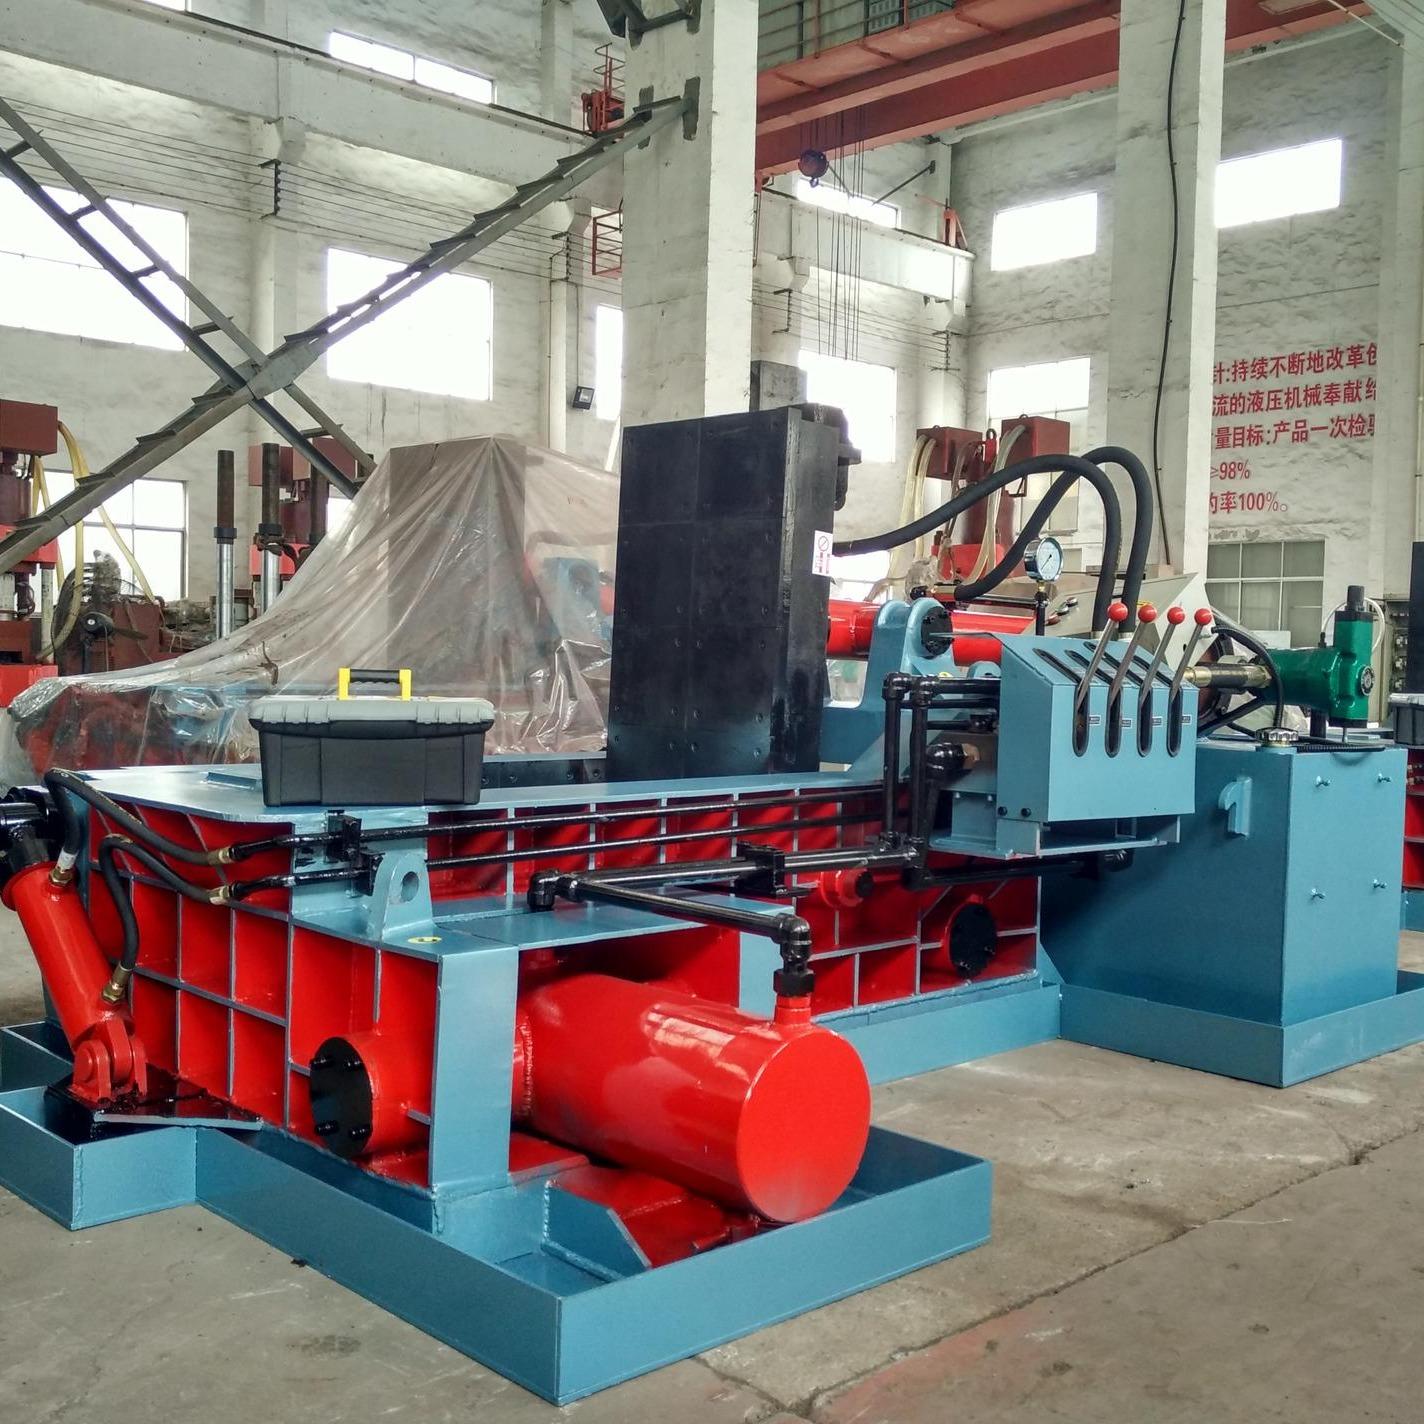 廠家直銷廢金屬打包機 冶金液壓YDF-130廢金屬液壓打包機